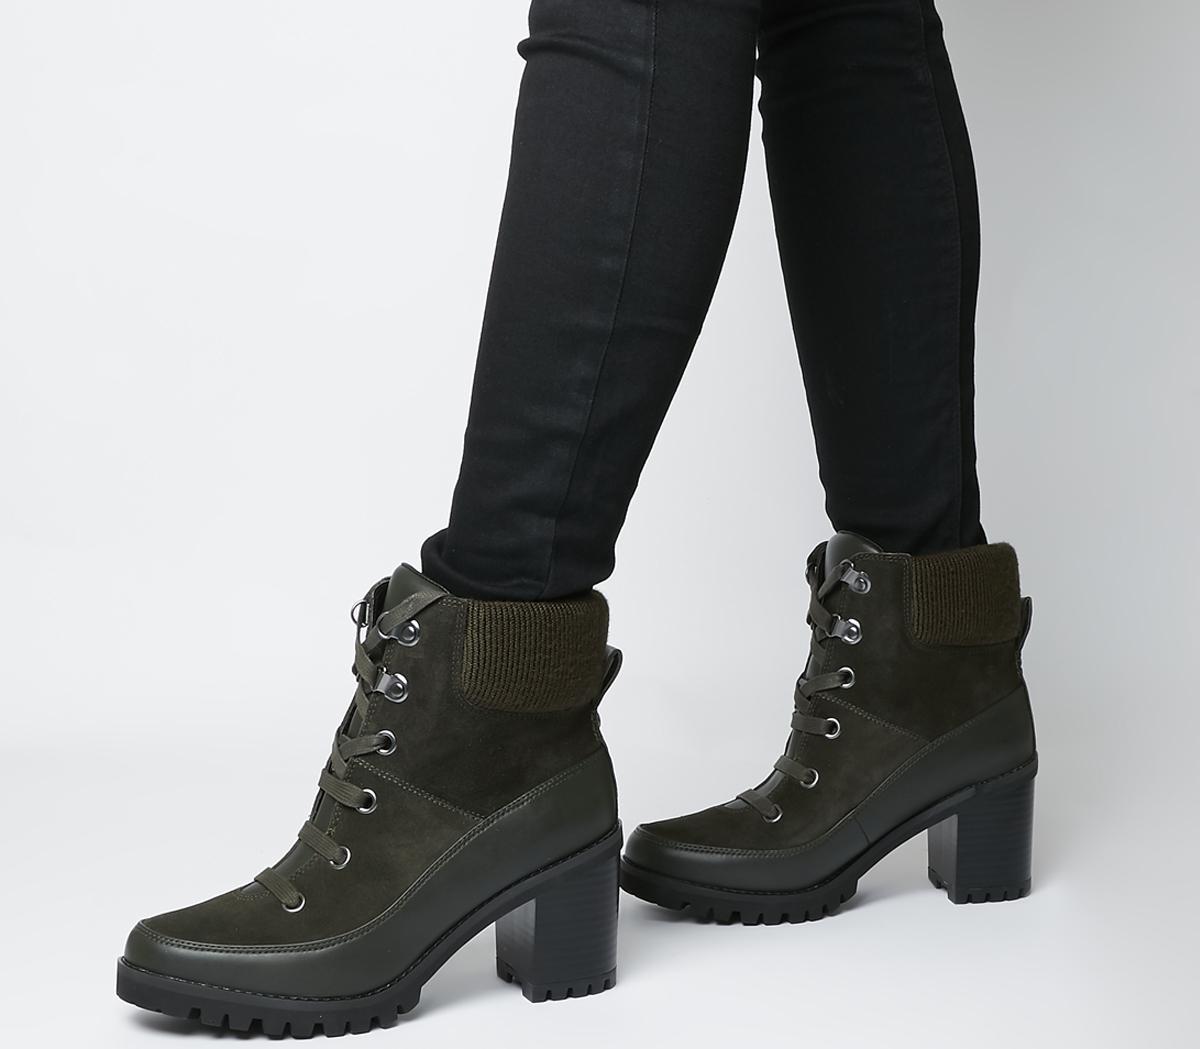 UGG Redwood Ankle Boots Black Olive